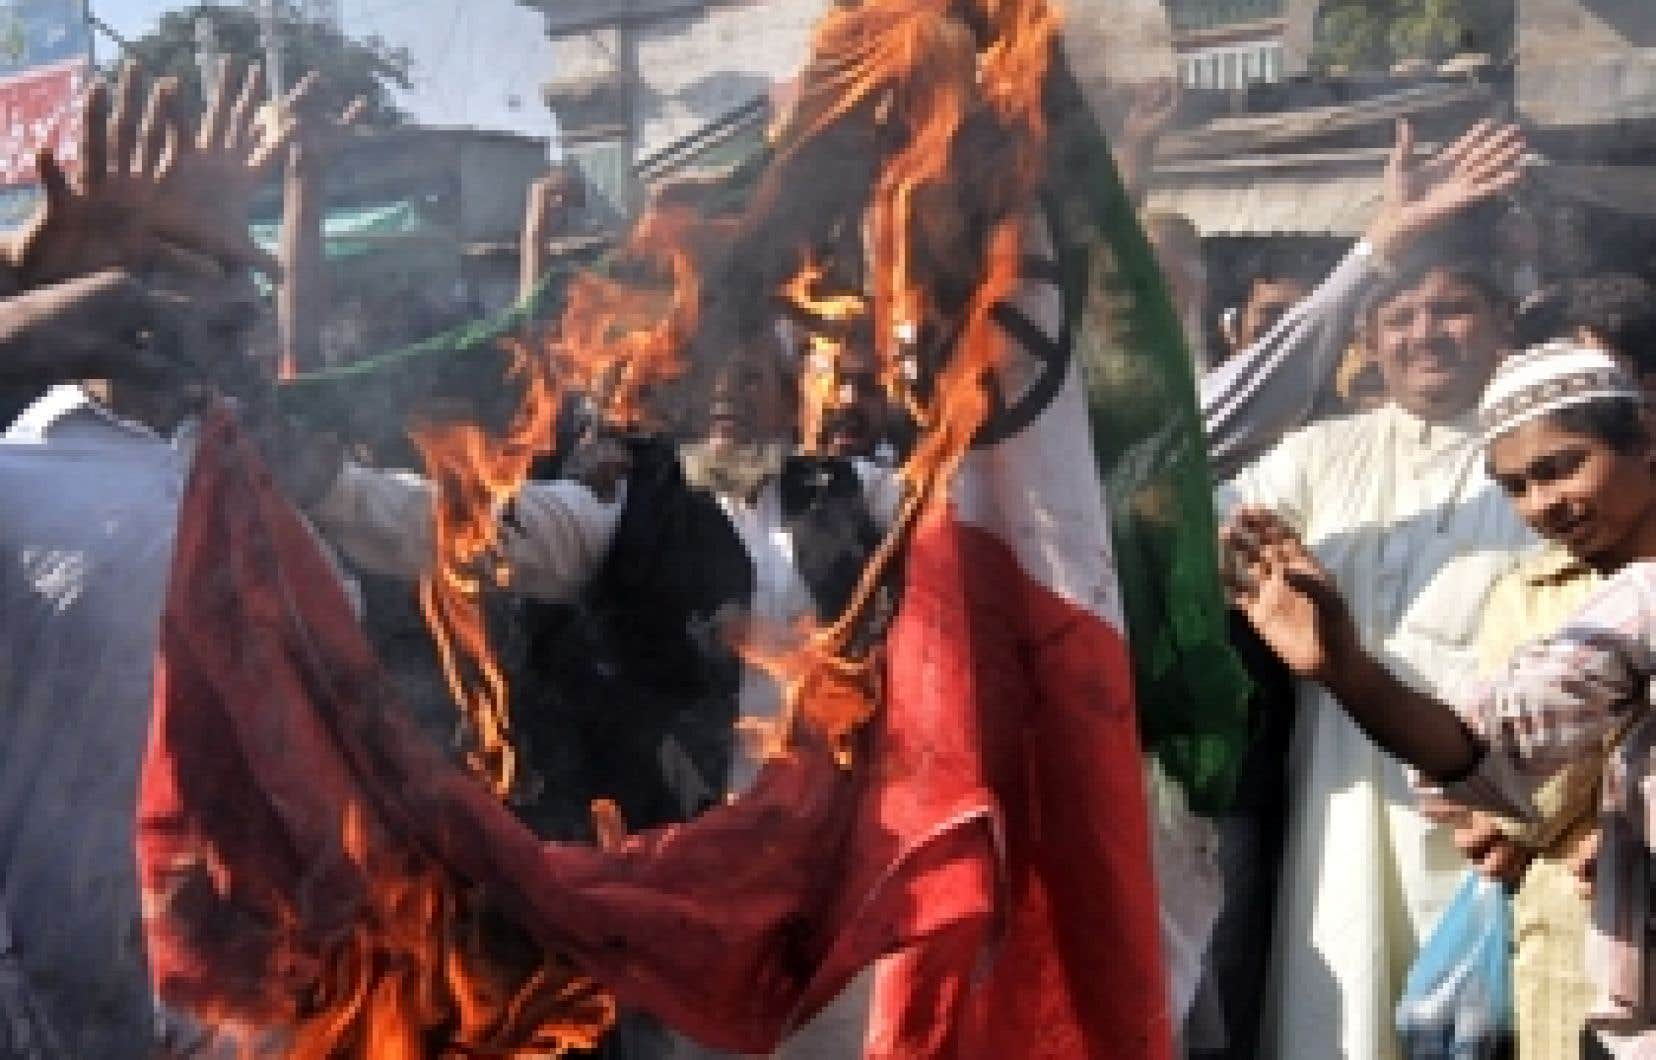 Des manifestants pakistanais ont brûlé un drapeau indien lors d'une manifestation, hier, à Karachi. Les tensions entre le Pakistan et l'Inde sont de nouveau vives.